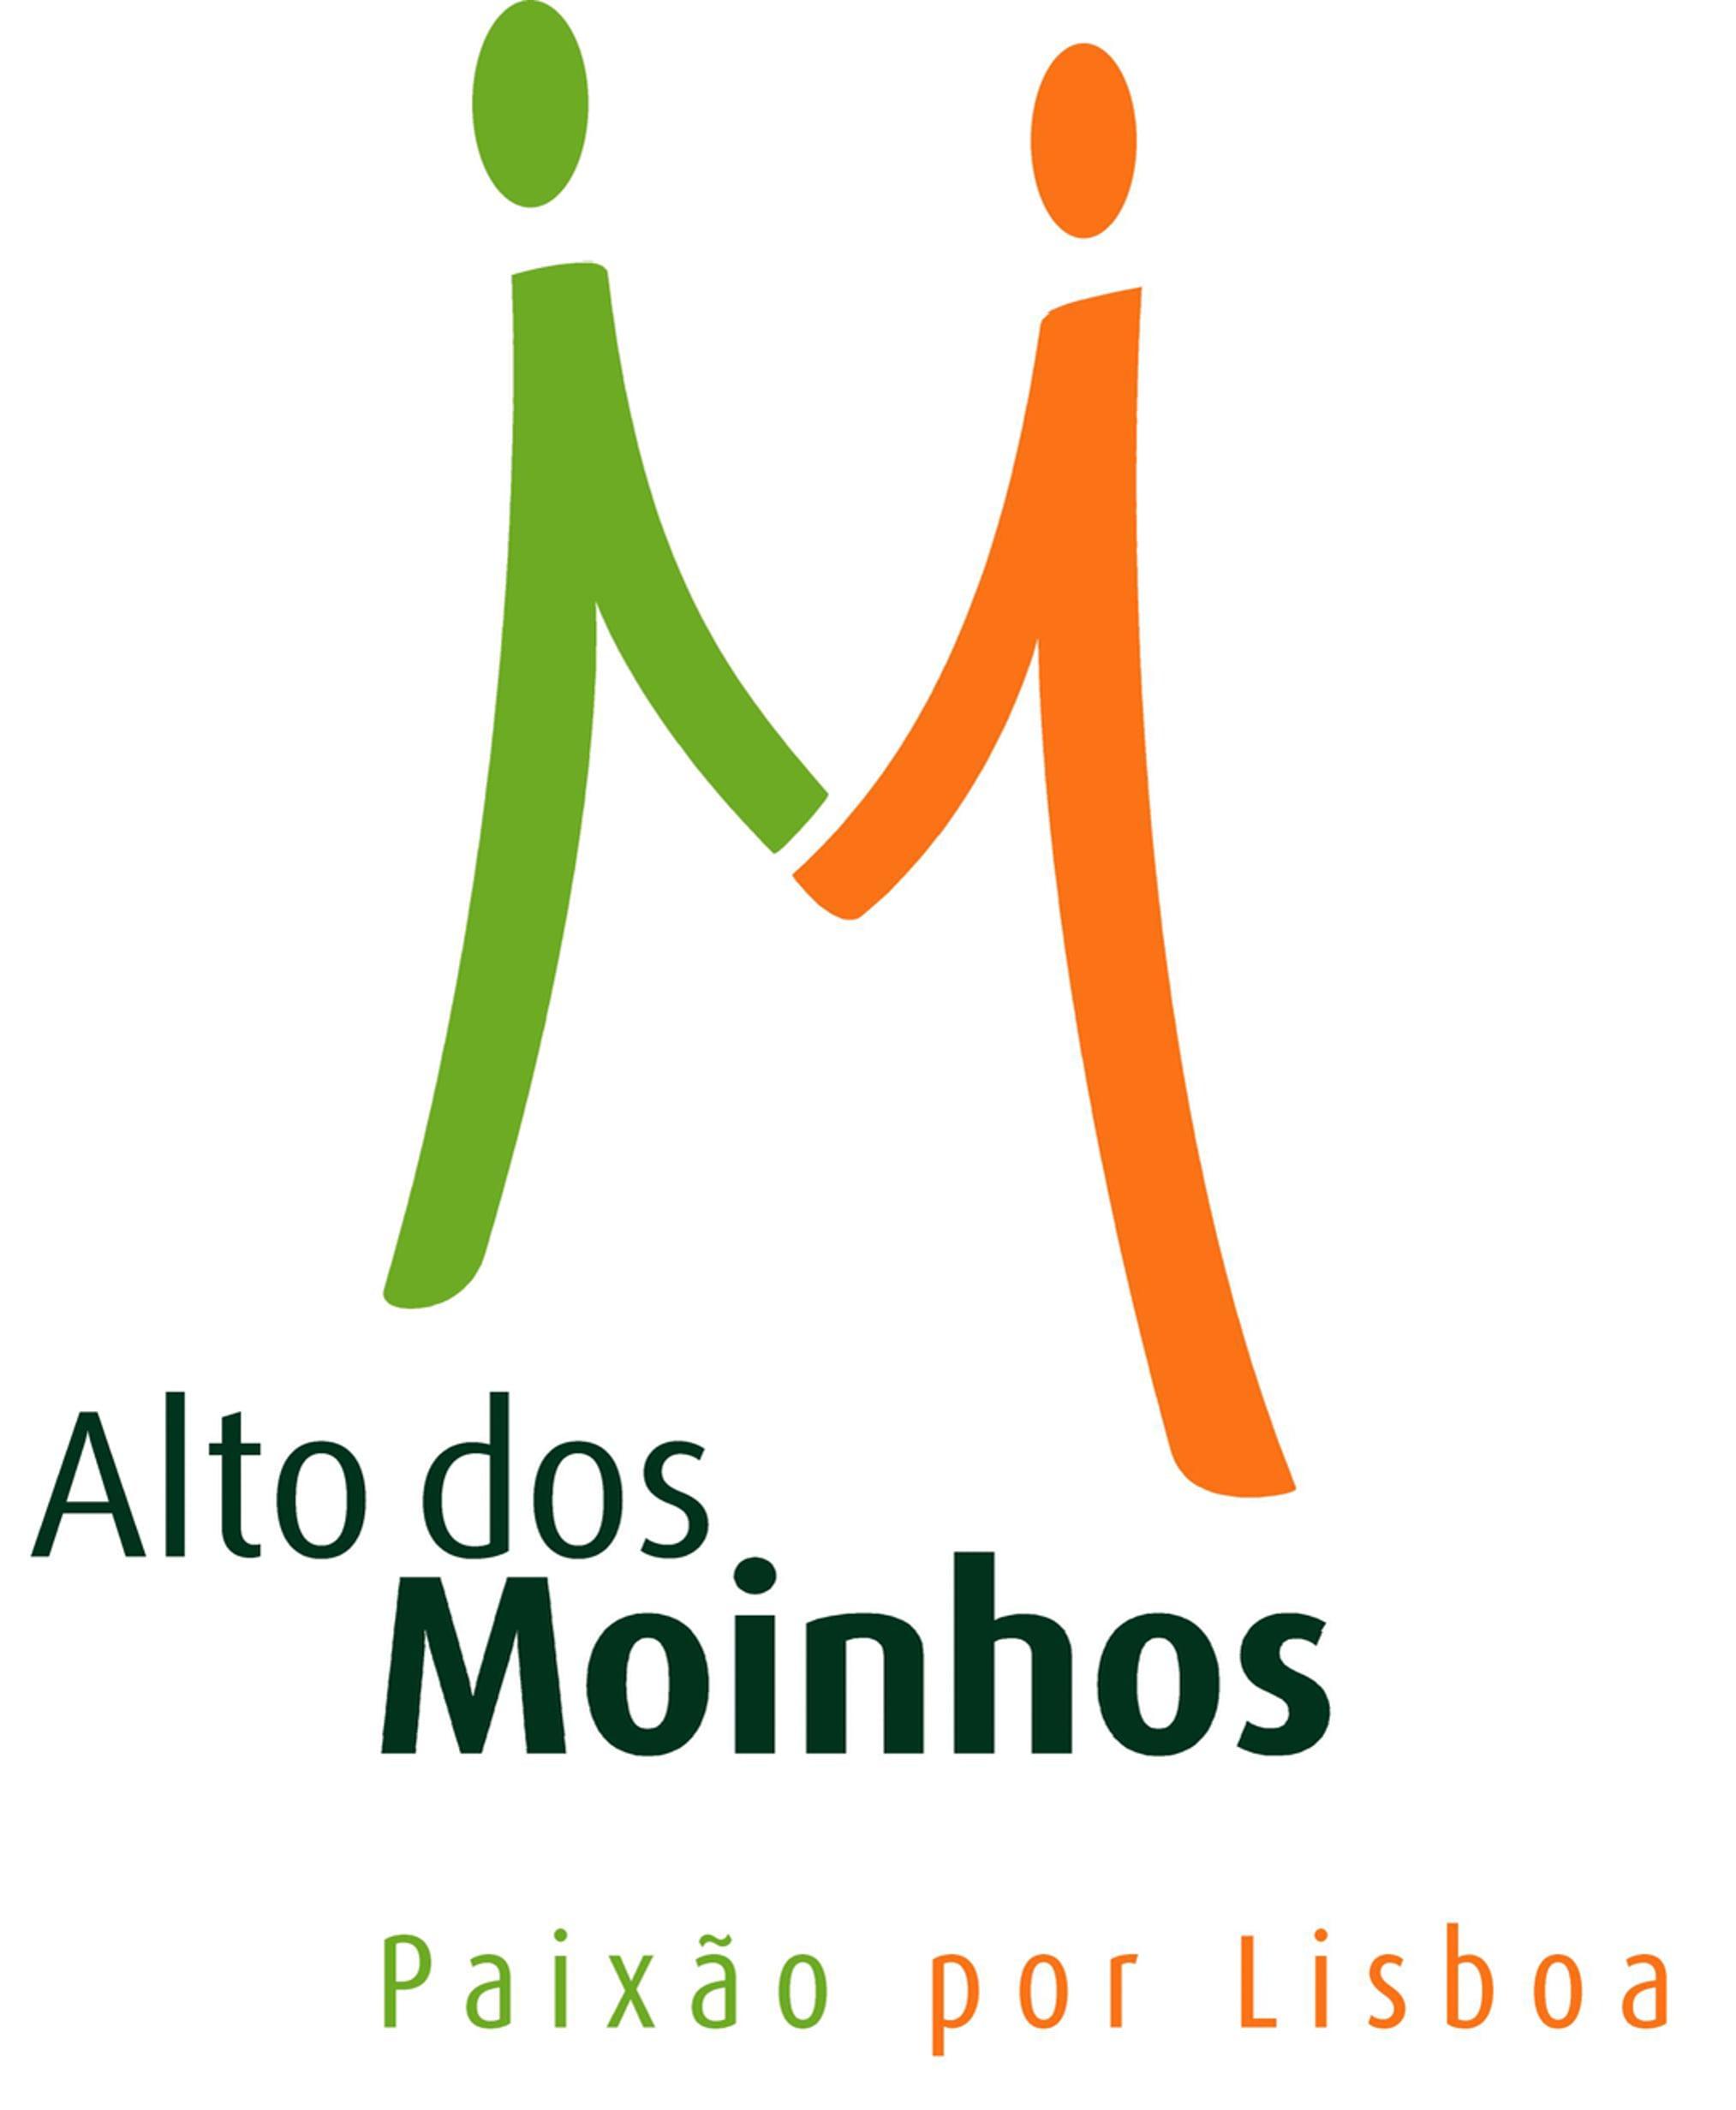 ALTO DOS MOINHOS